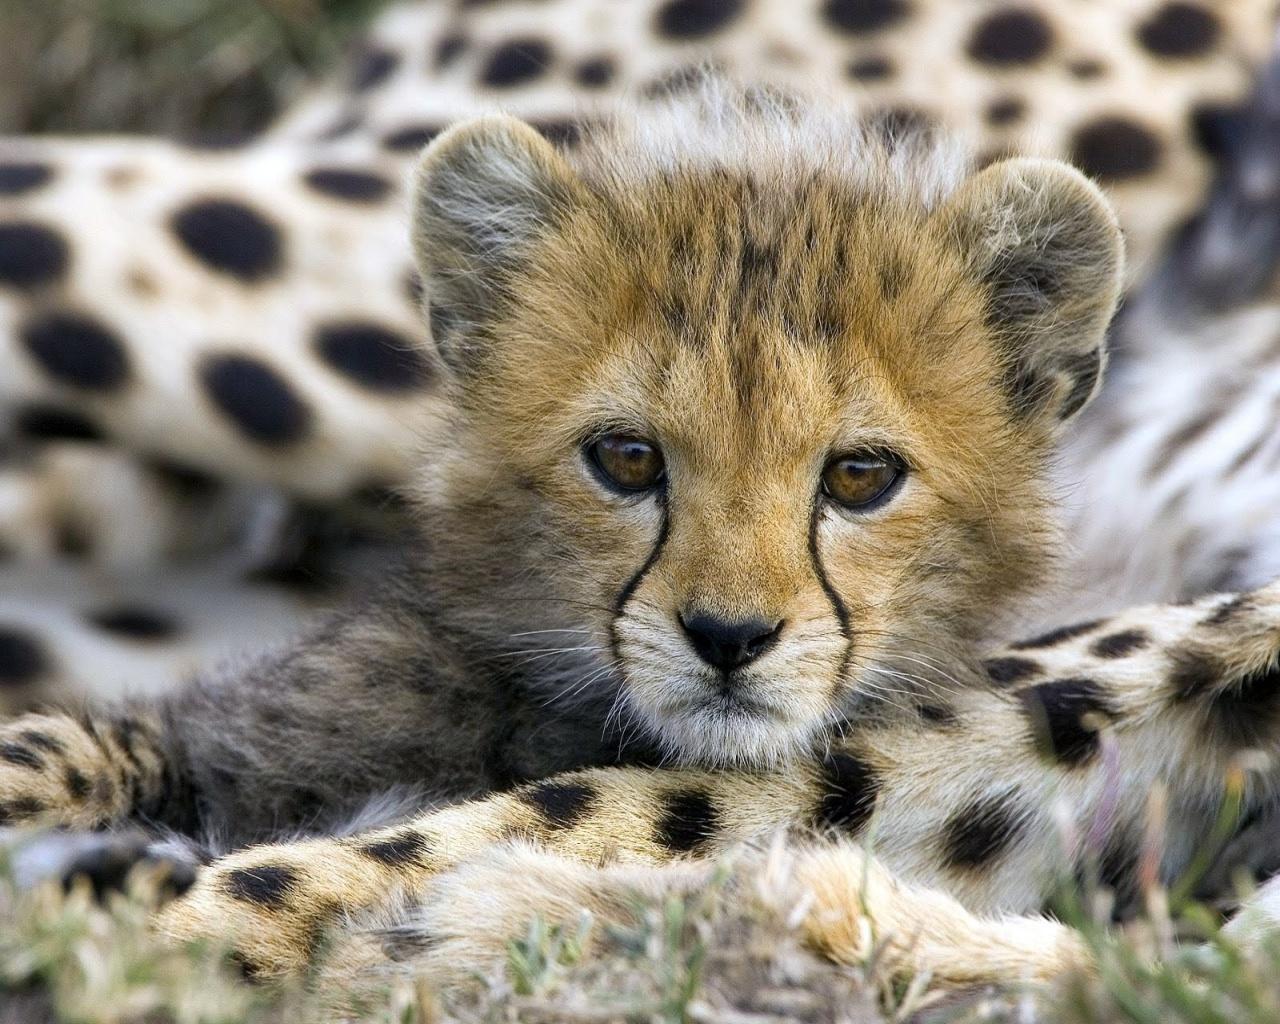 1280x1024 Cute cheetah cub desktop PC and Mac wallpaper 1280x1024